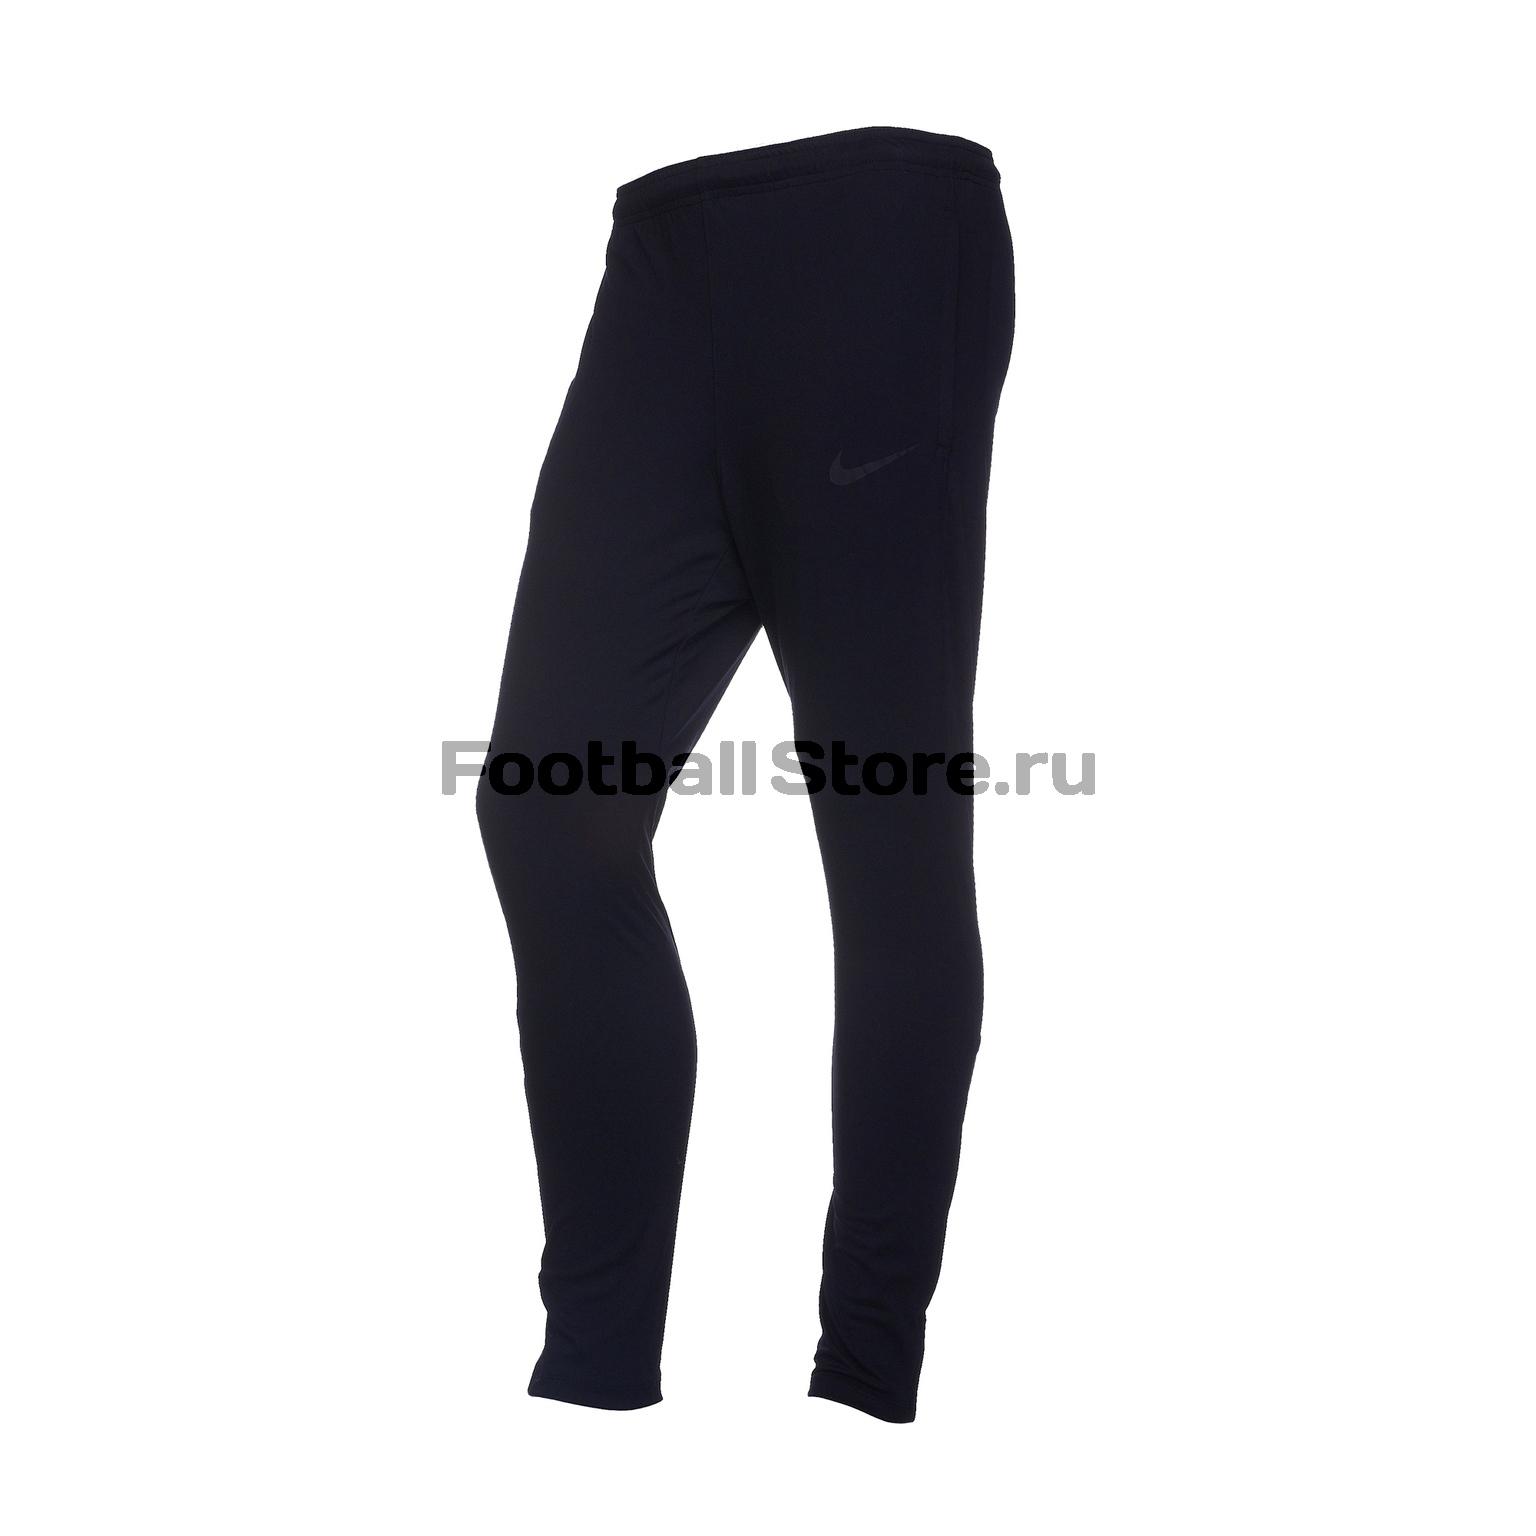 Брюки тренировочные Nike F.C. Pant KPZ AH8450-010 брюки nike брюки m nk dry sqd pant kpz